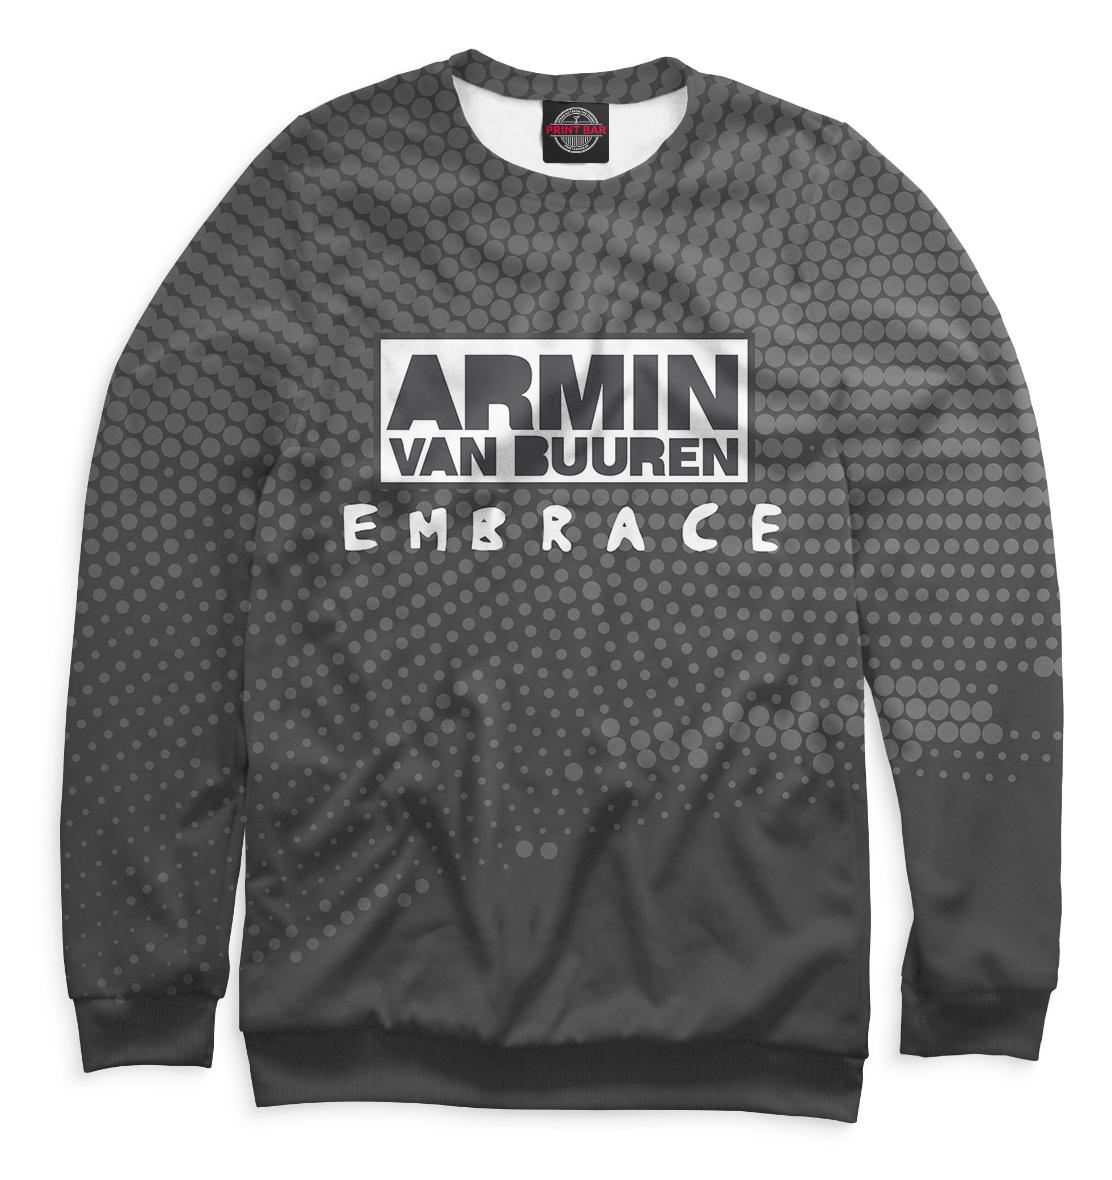 Купить Armin van Buuren, Printbar, Свитшоты, AVB-519502-swi-2